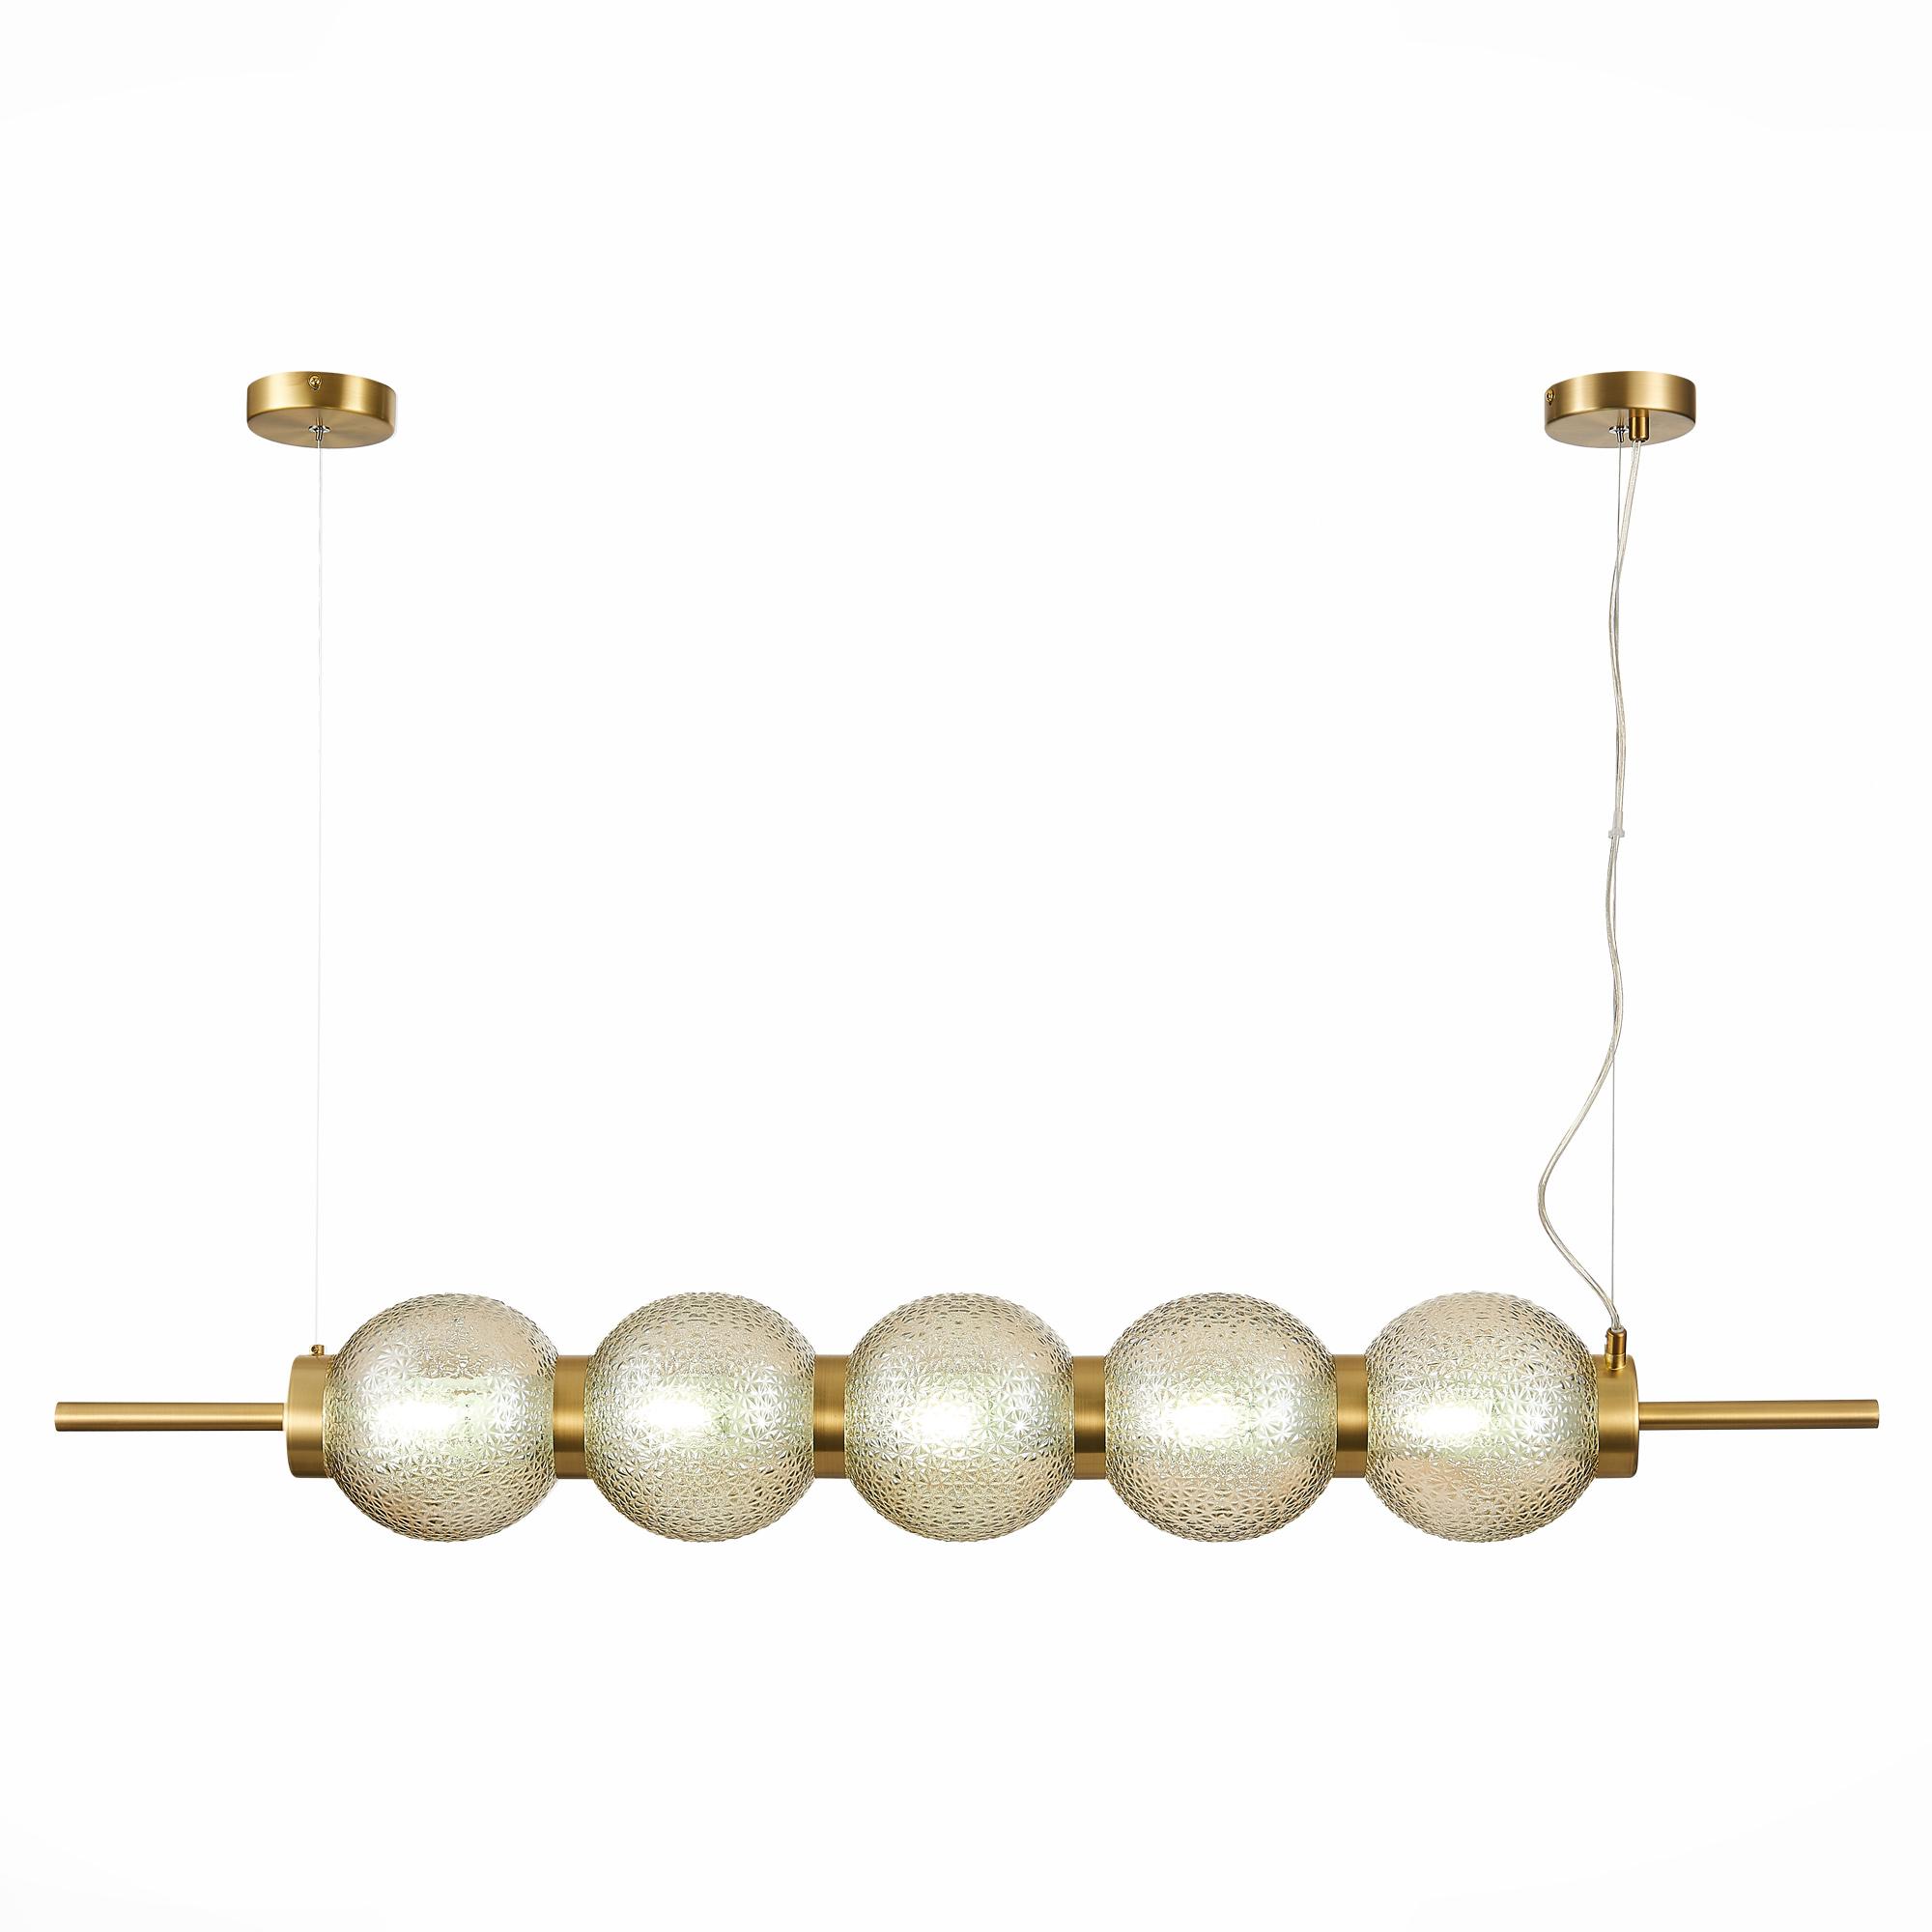 St luce / Светильник подвесной marena (st luce) золотой 116x120x16 см.